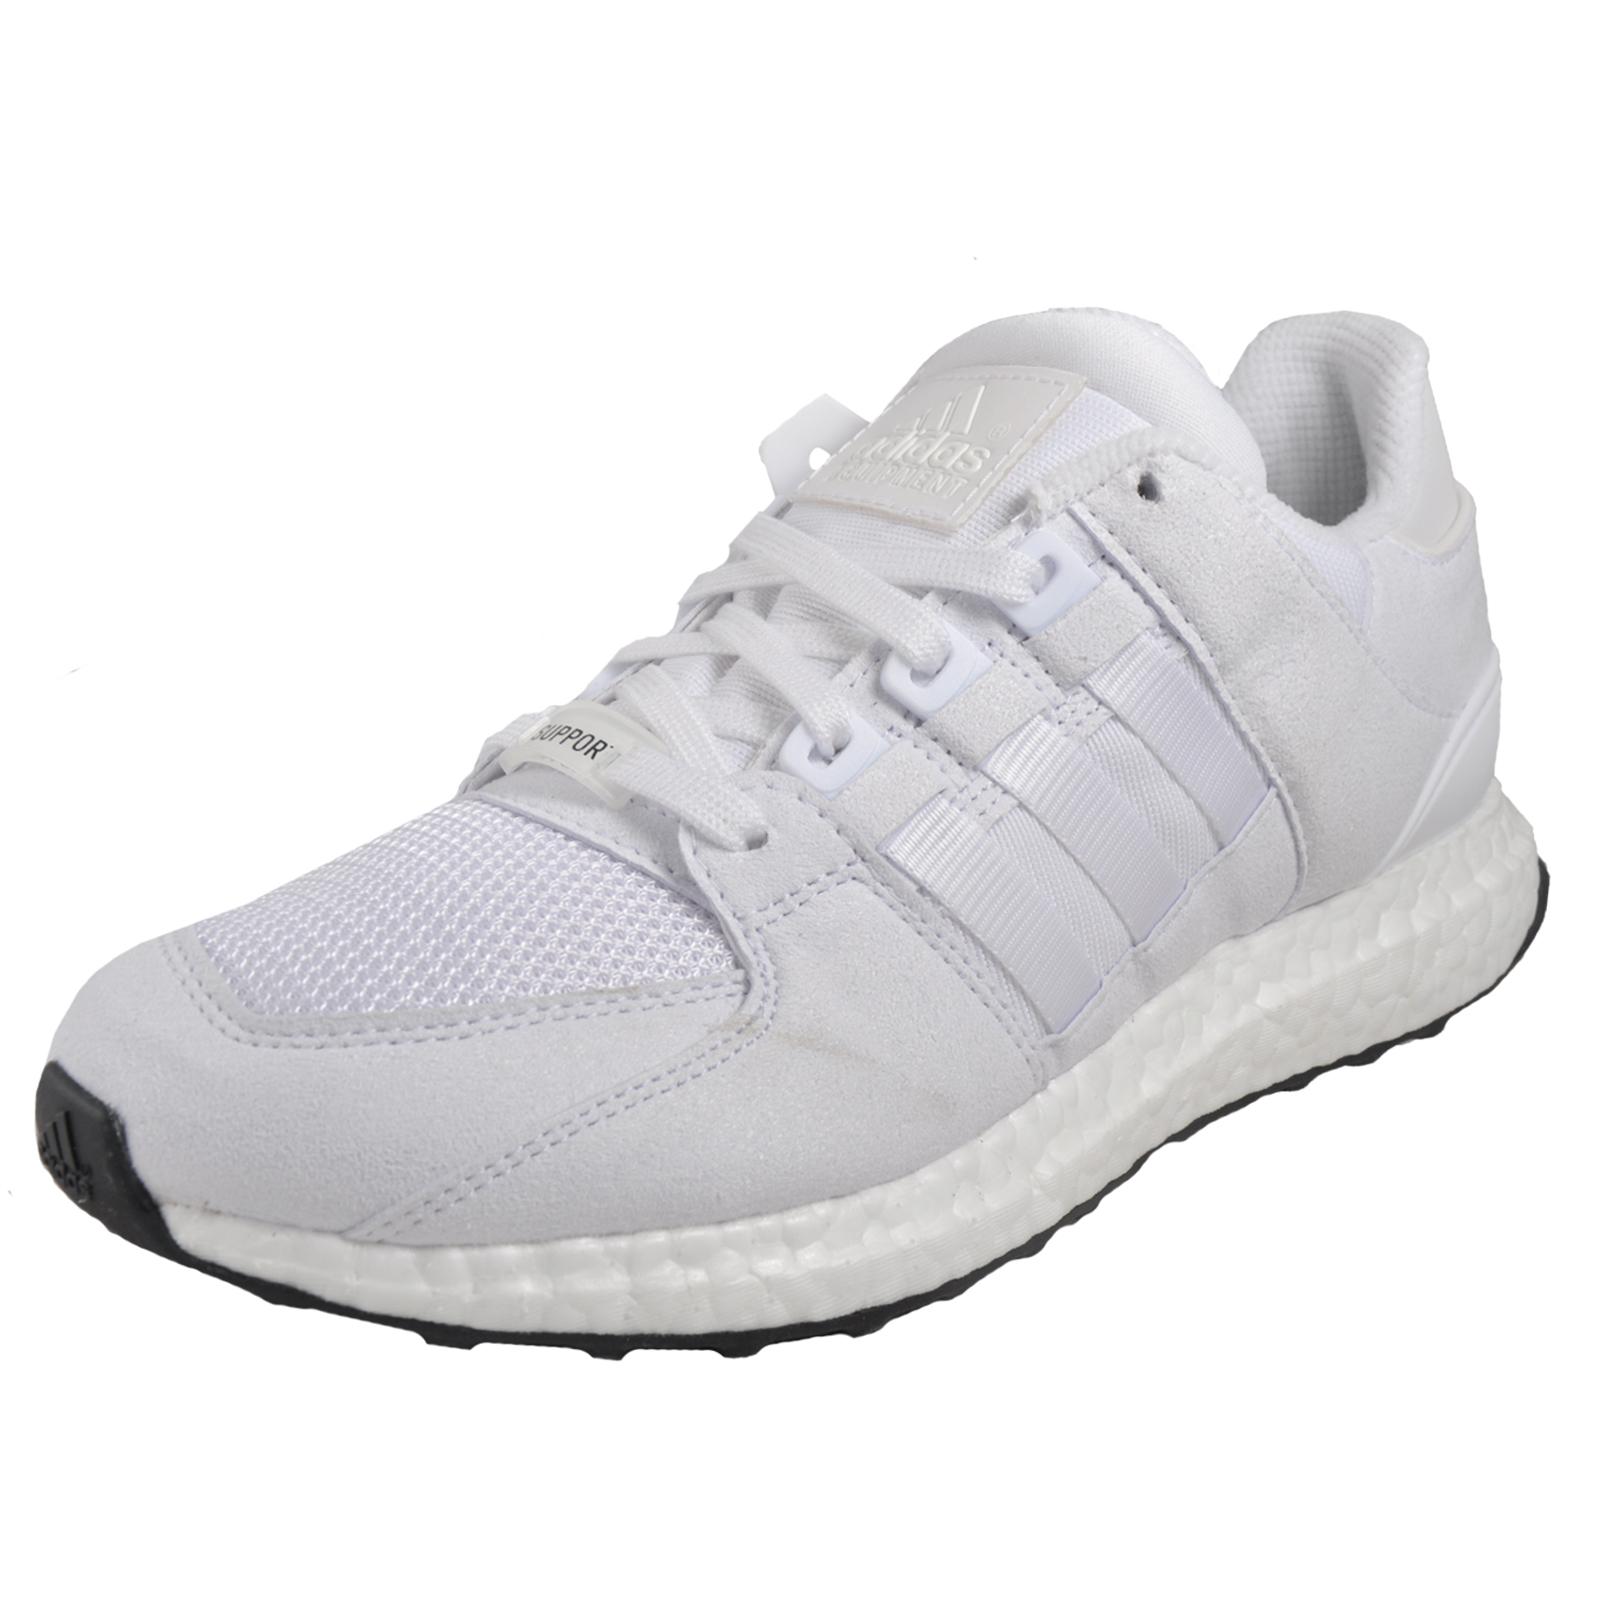 b0cfa5e08f1 Adidas Originals Equipment Support Boost 93 Mens Classic CasualTrainers  White